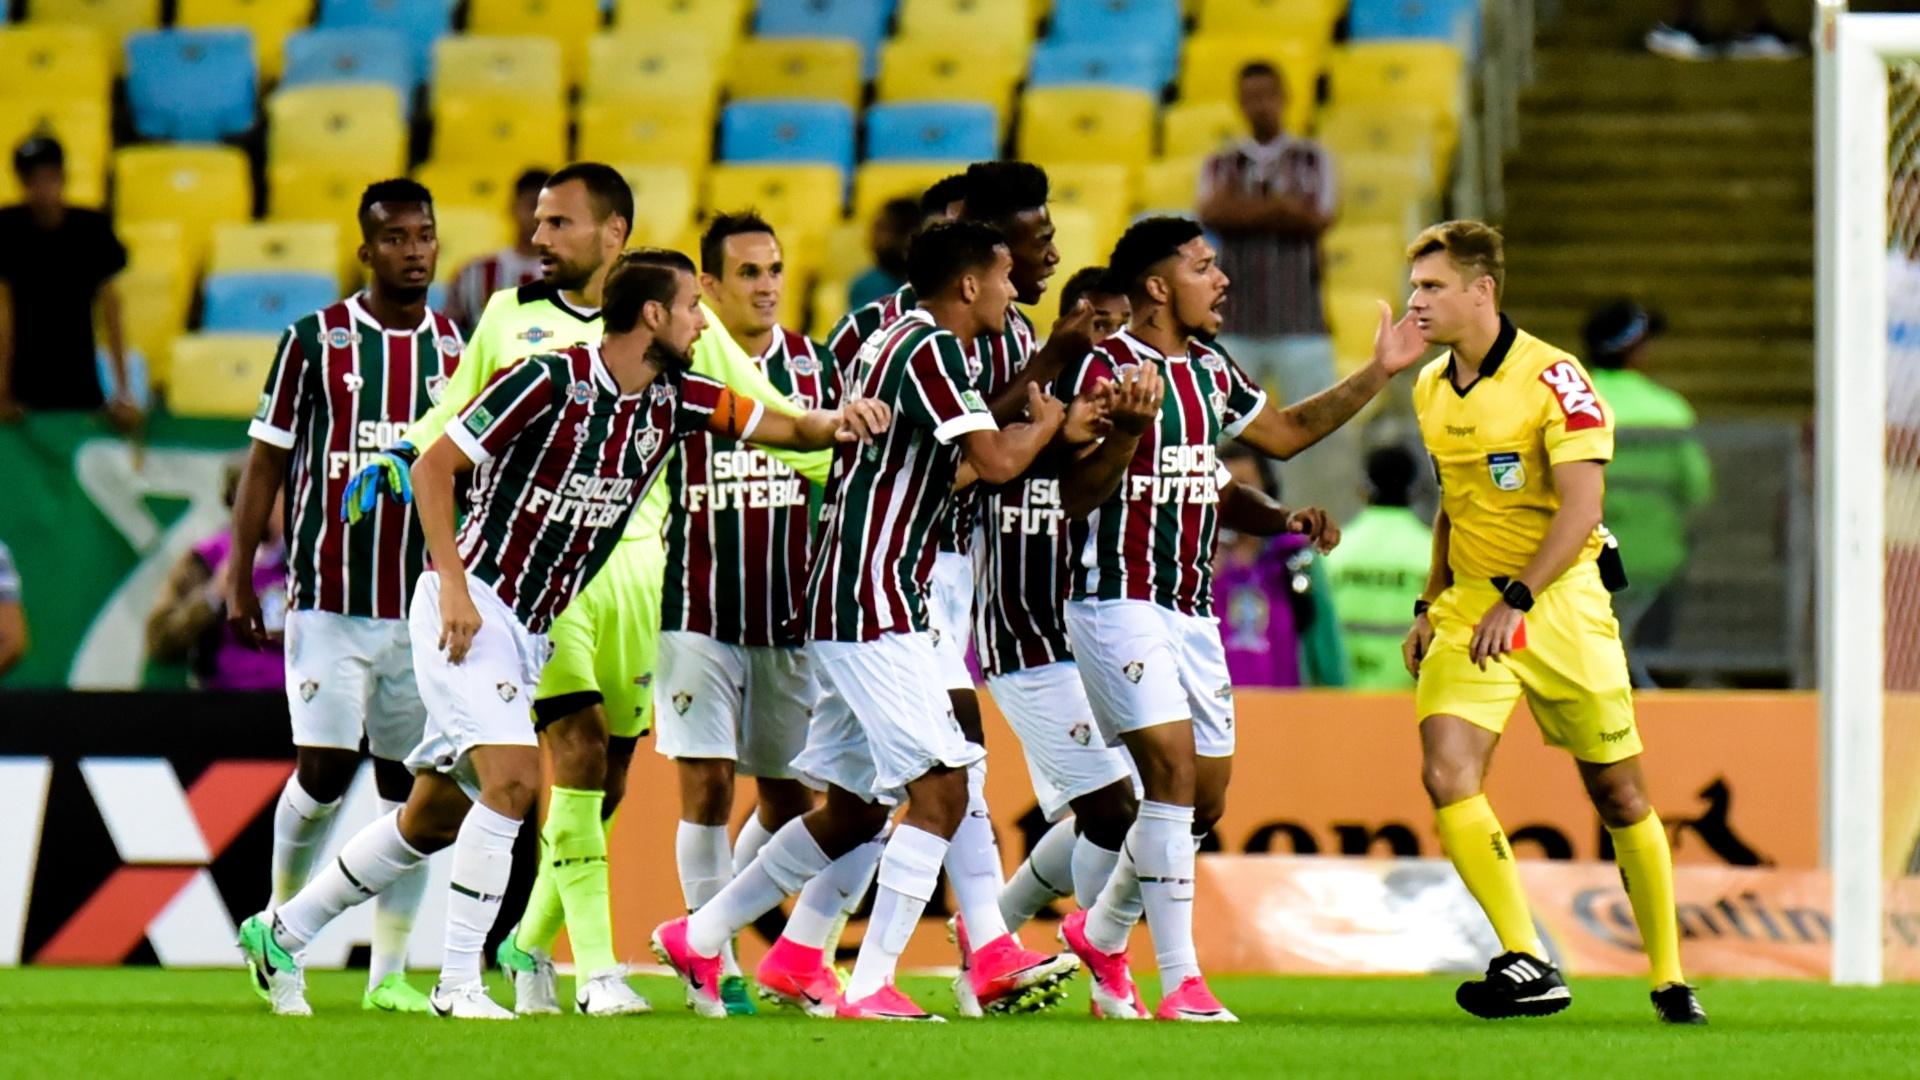 Jogadores do Fluminense reclamam com o árbitro Thiago Duarte Peixoto